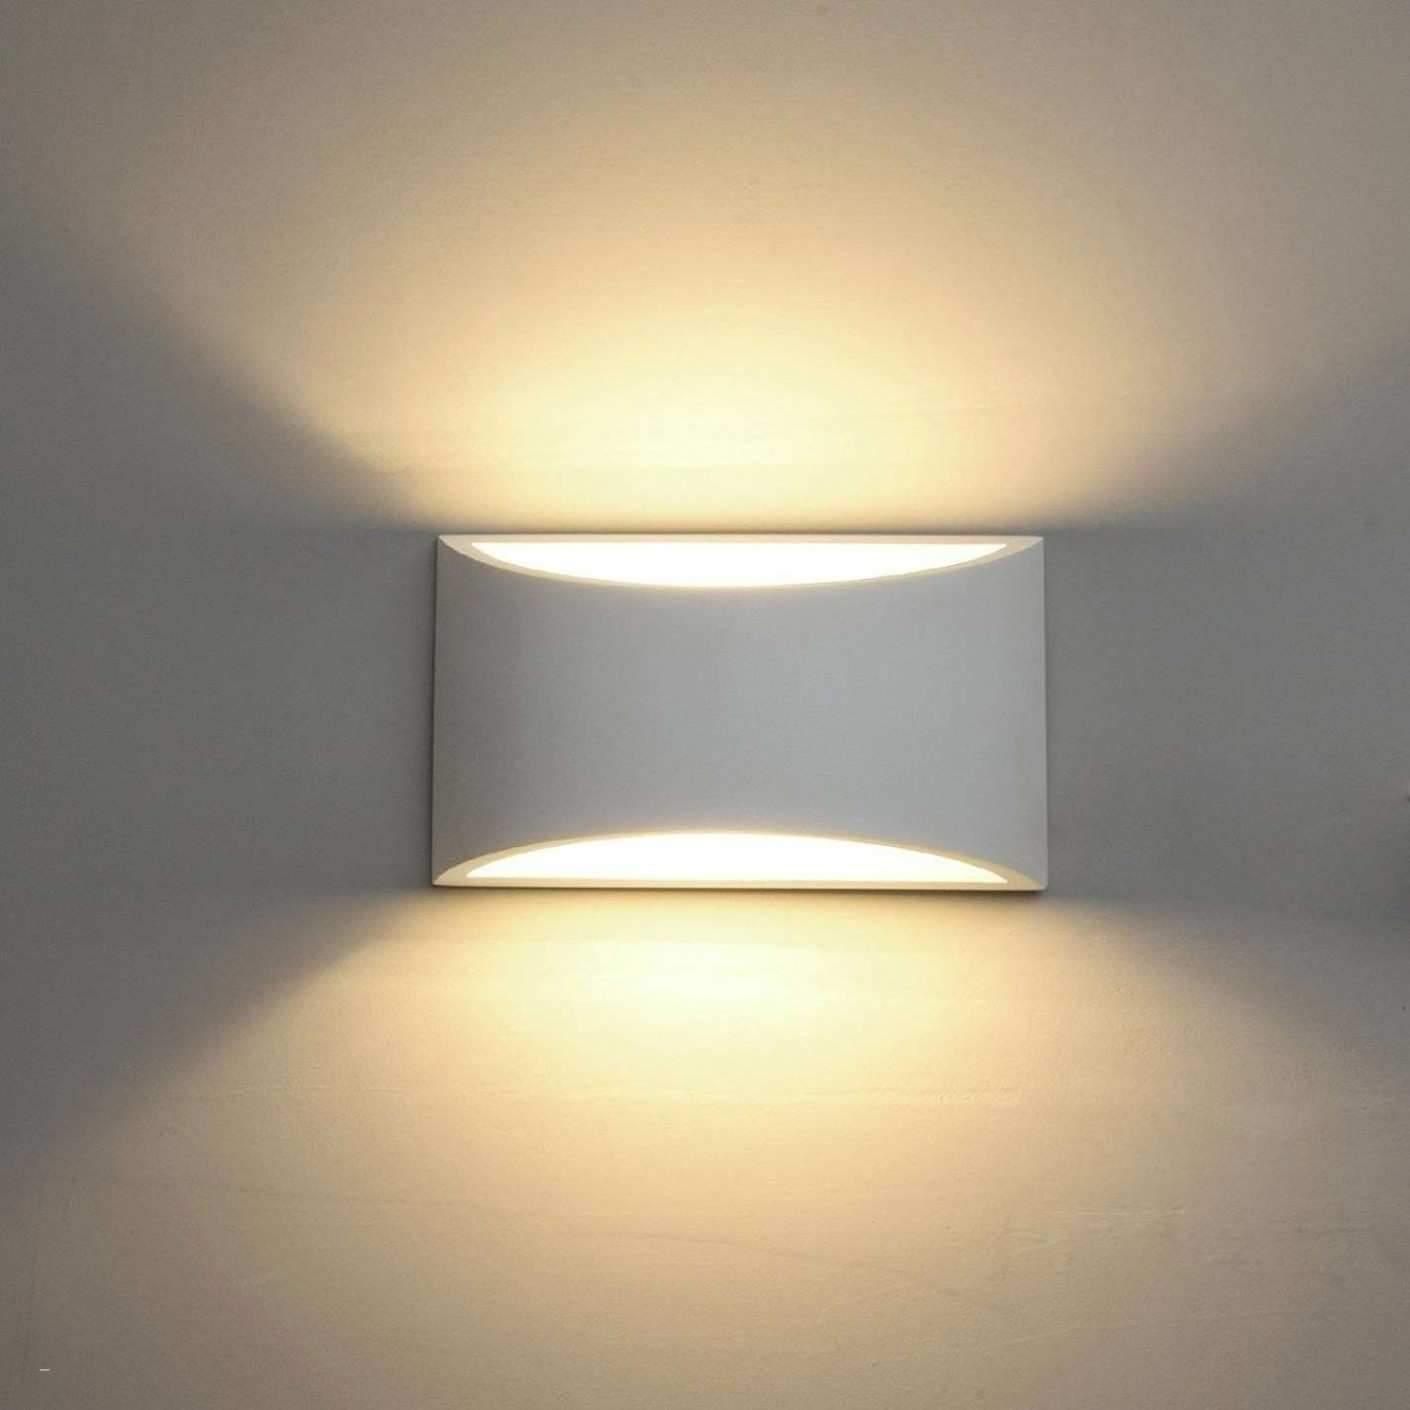 Full Size of Deckenlampe Led Dimmbar Wohnzimmer Deckenlampen Deckenleuchte Sternenhimmel Amazon Led Deckenleuchte Flach Mit Fernbedienung Test Rund Schwarz Farbwechsel Wohnzimmer Deckenlampe Led Dimmbar